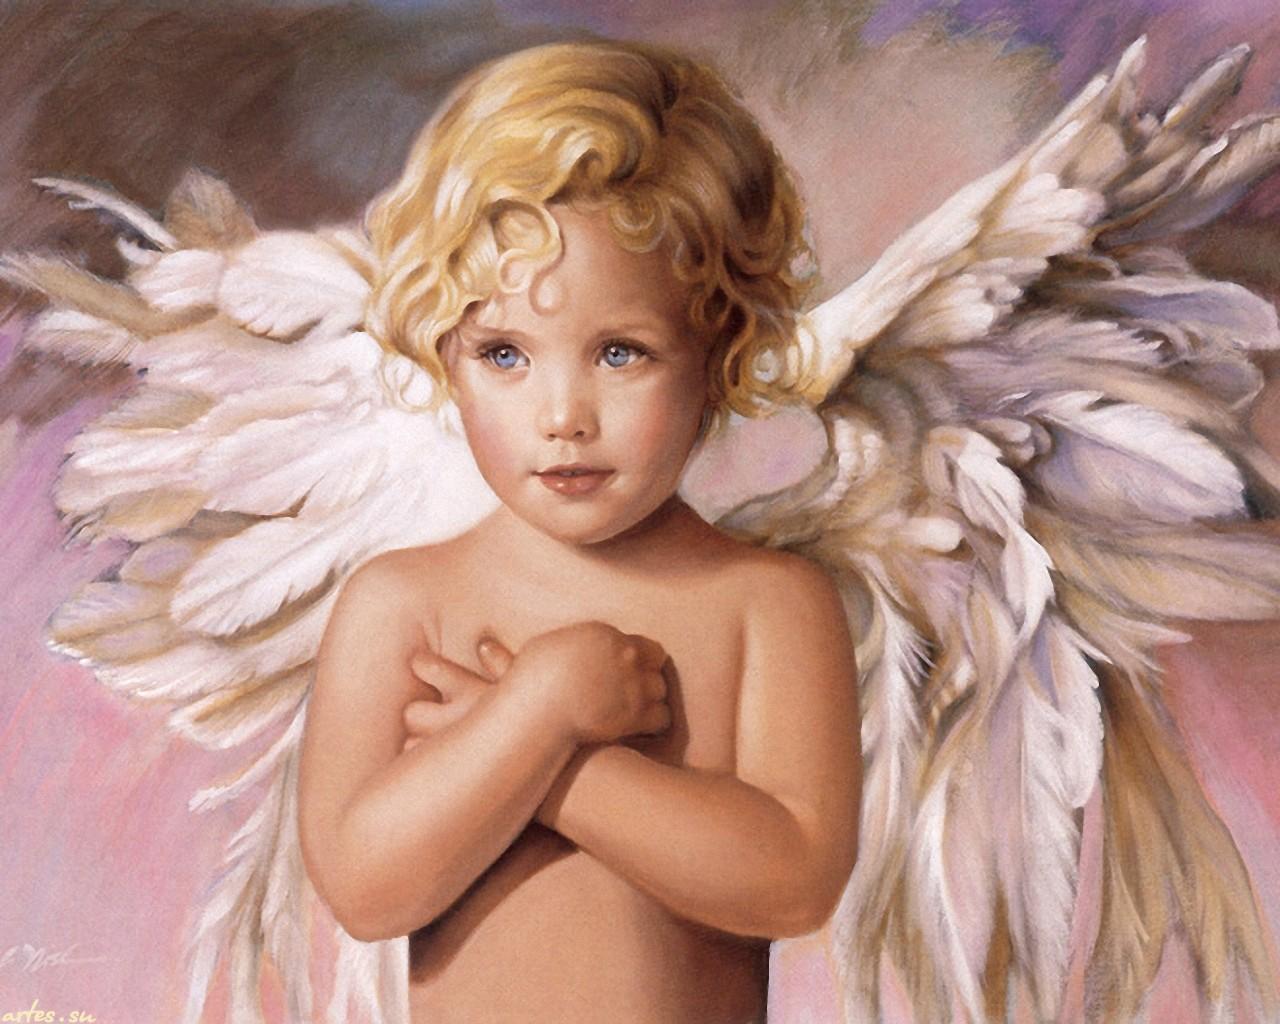 забрать семена, картинки с ангелочками красивые буквально минуту